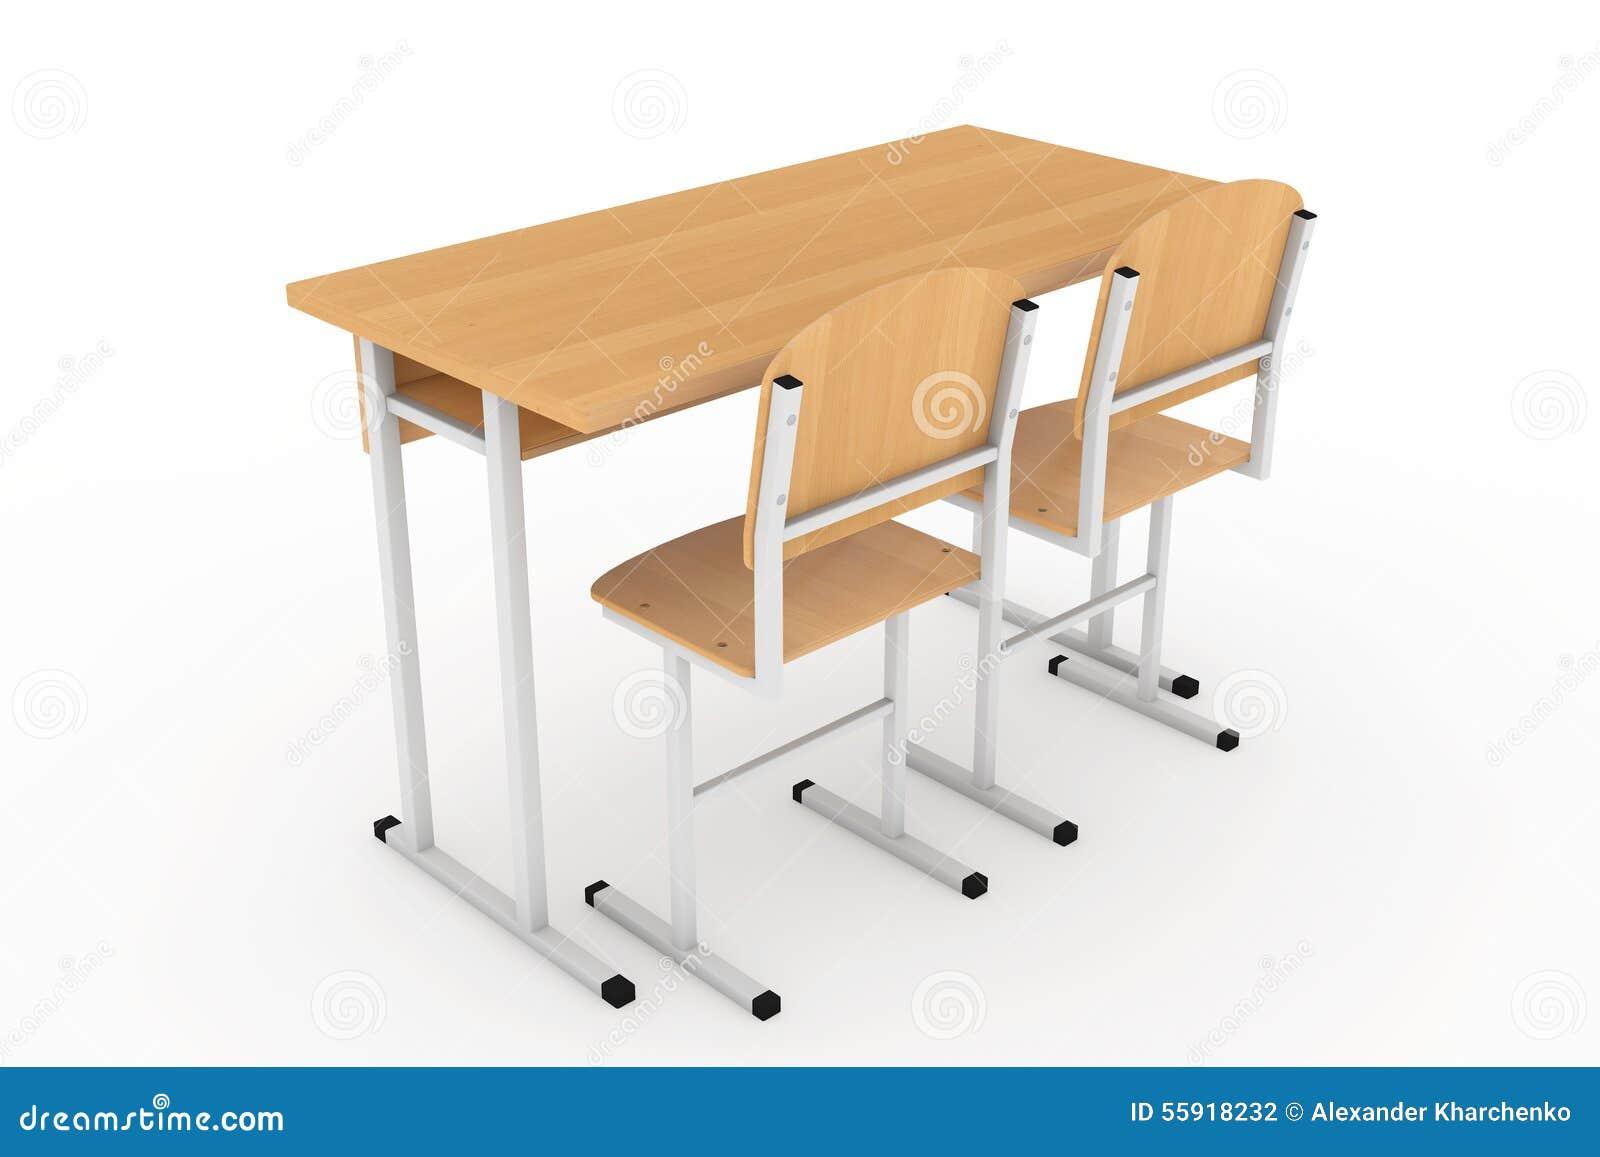 Schulbank zeichnung  Schulbank Und Stühle Stock Abbildung - Bild: 55918232